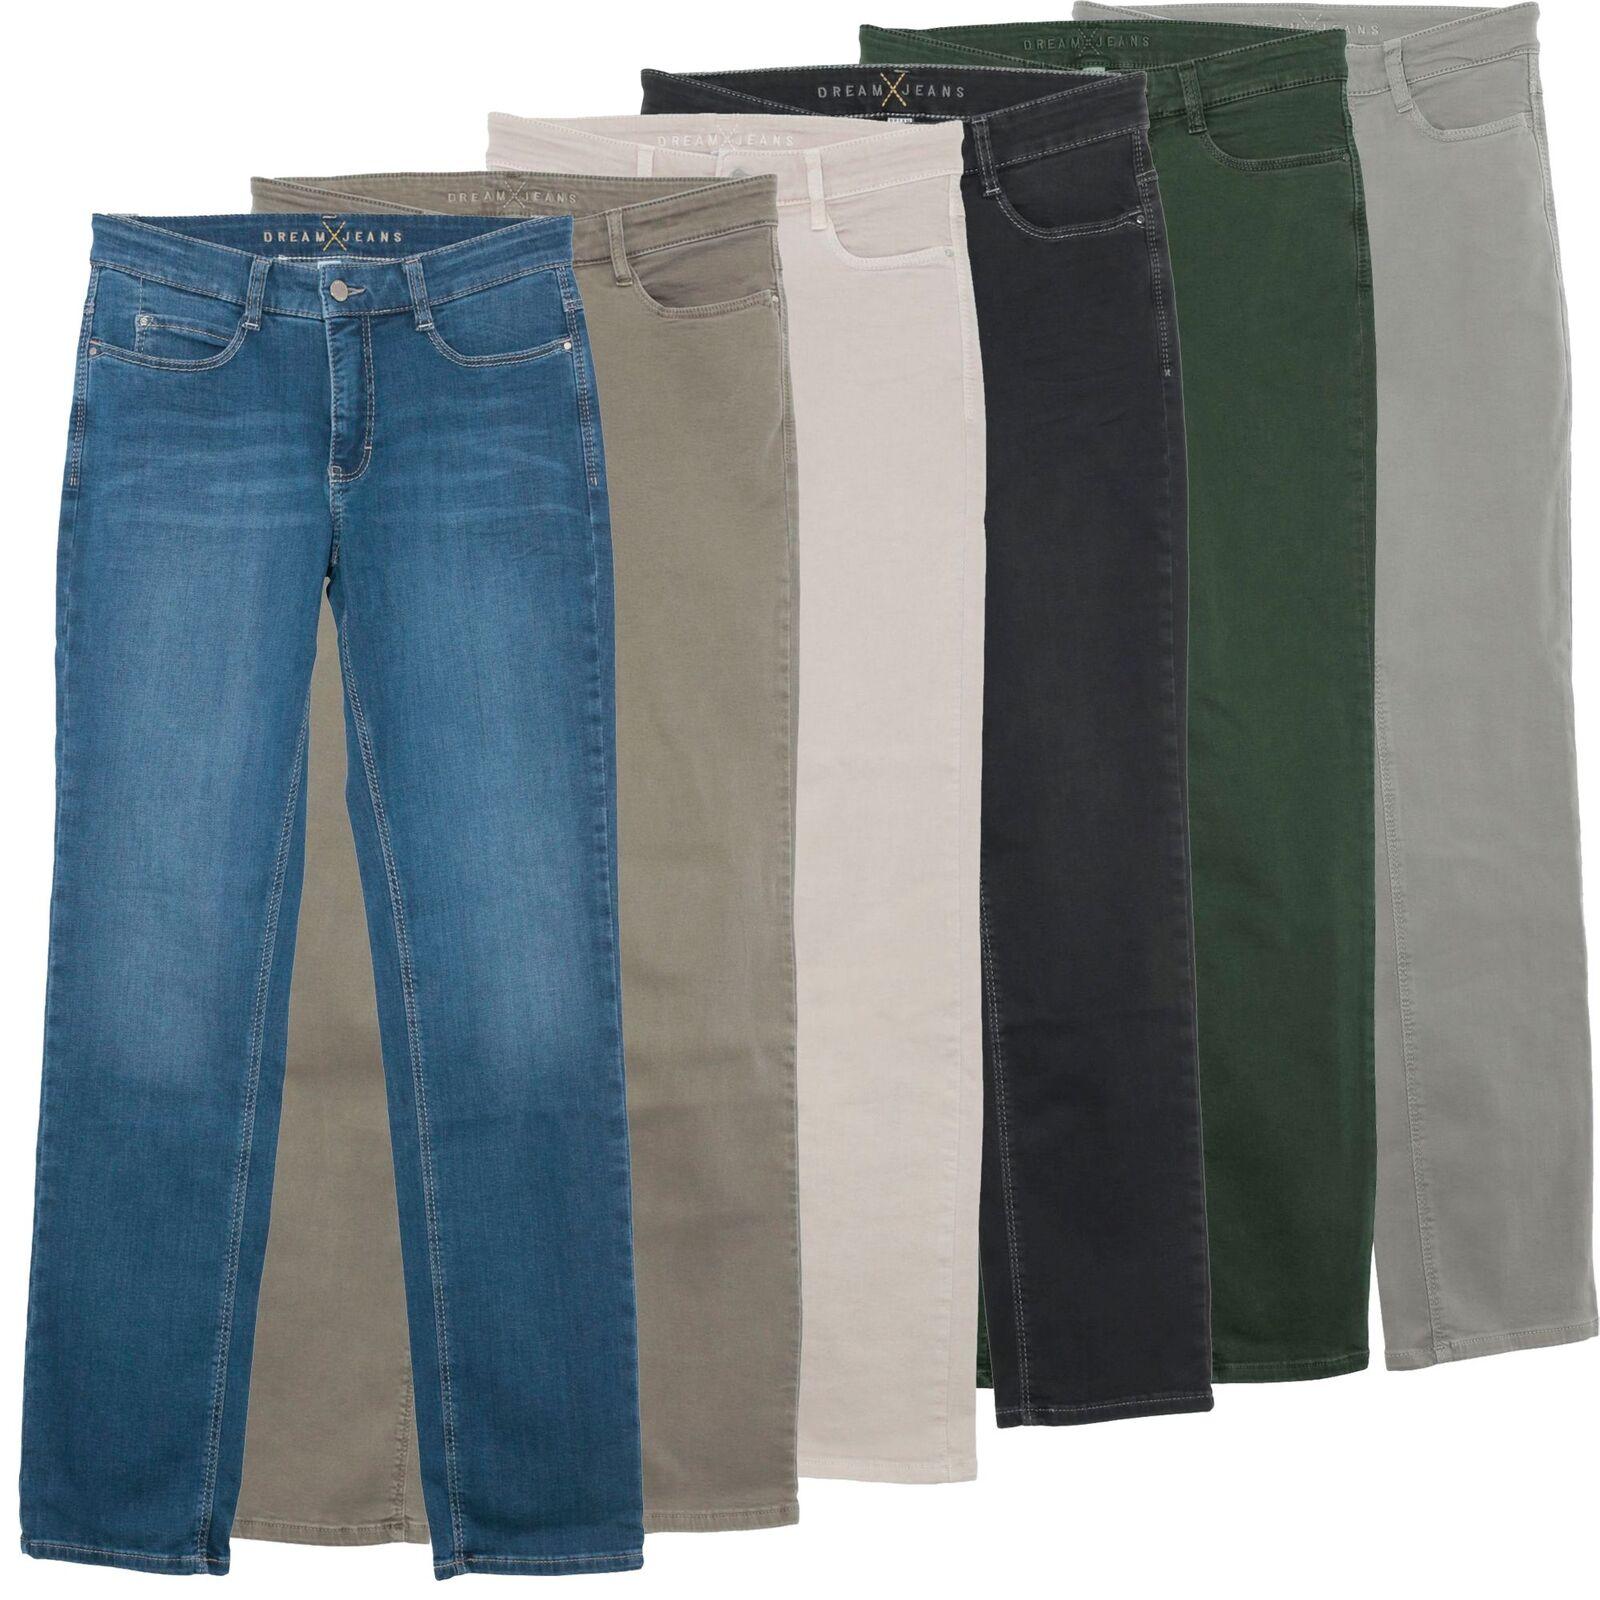 MAC Jeans Dream 0355 5401 Damen Hose Stretch Denim Pants